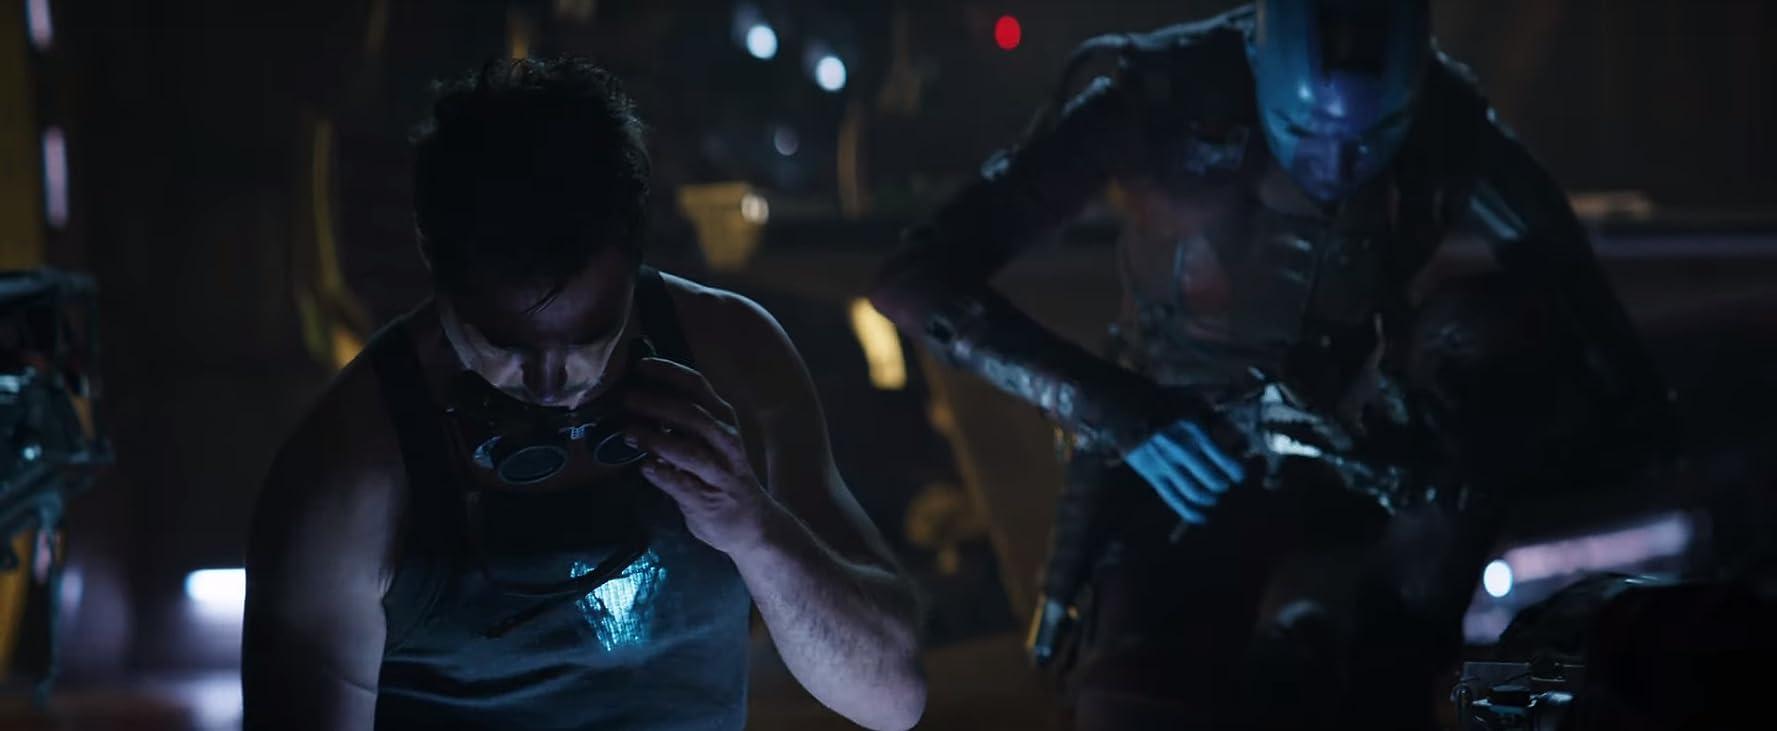 Robert Downey Jr. and Karen Gillan in Avengers: Endgame (2019)